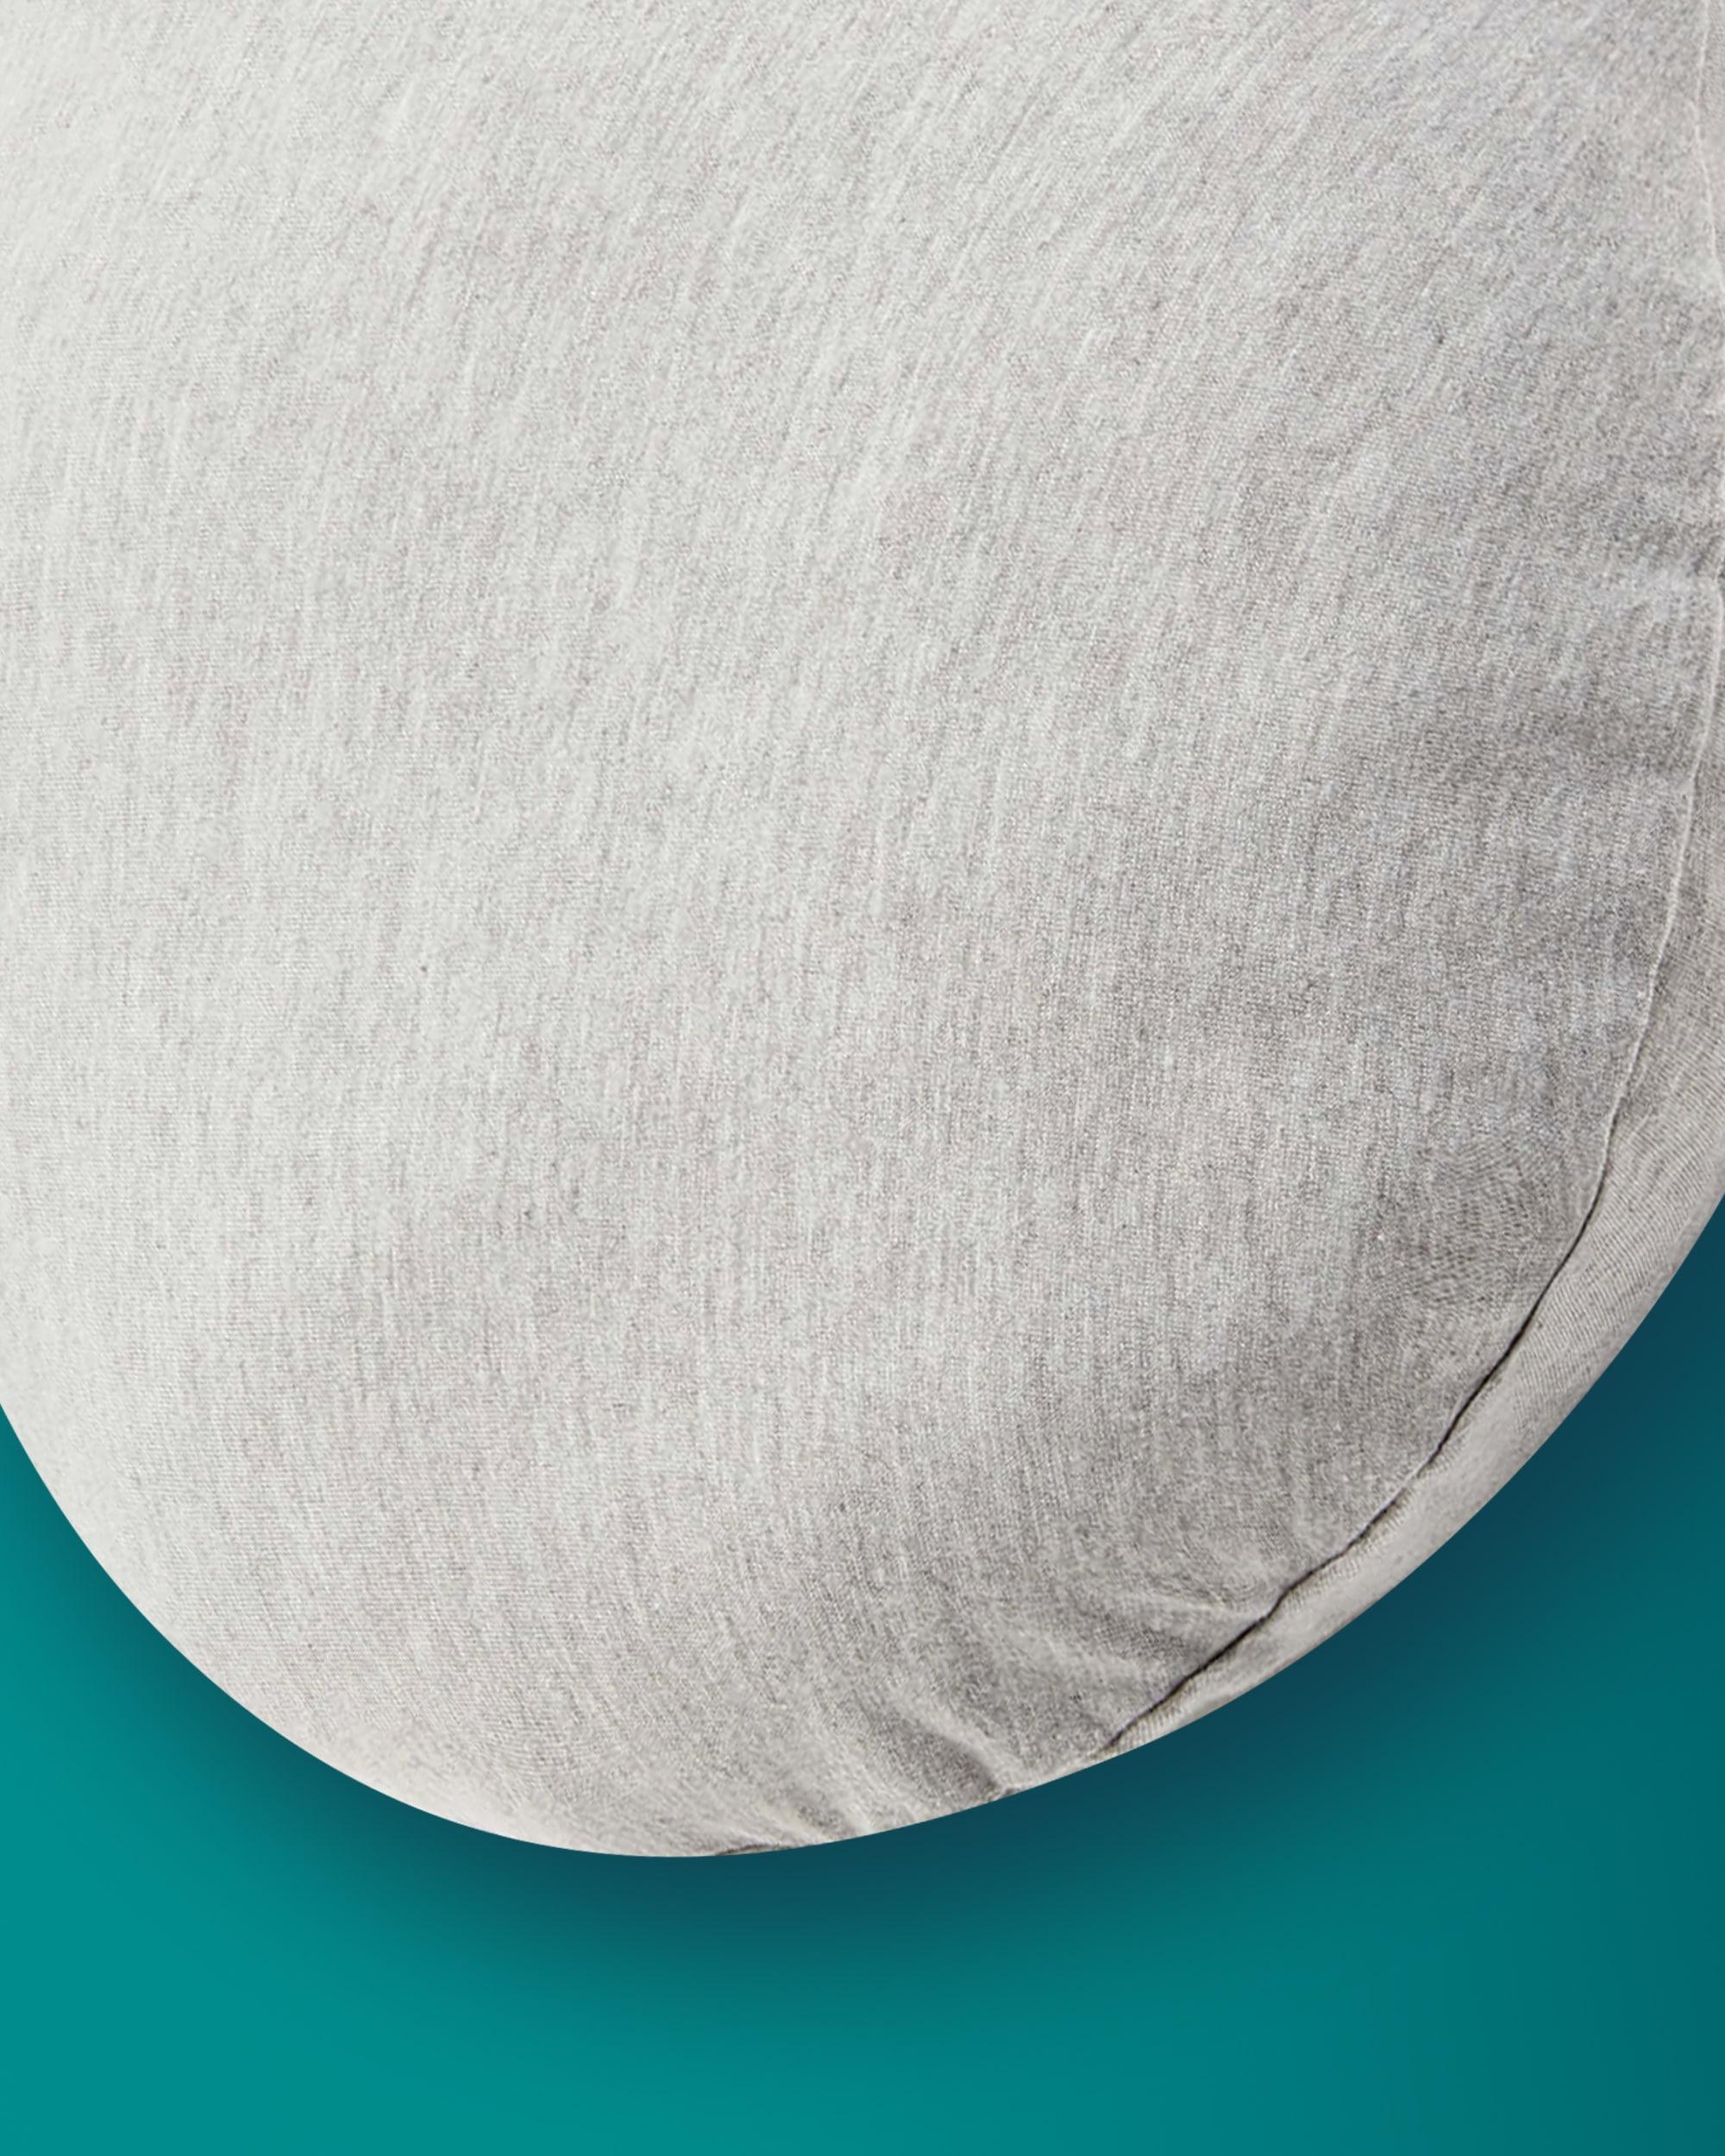 Kally Pillow Case